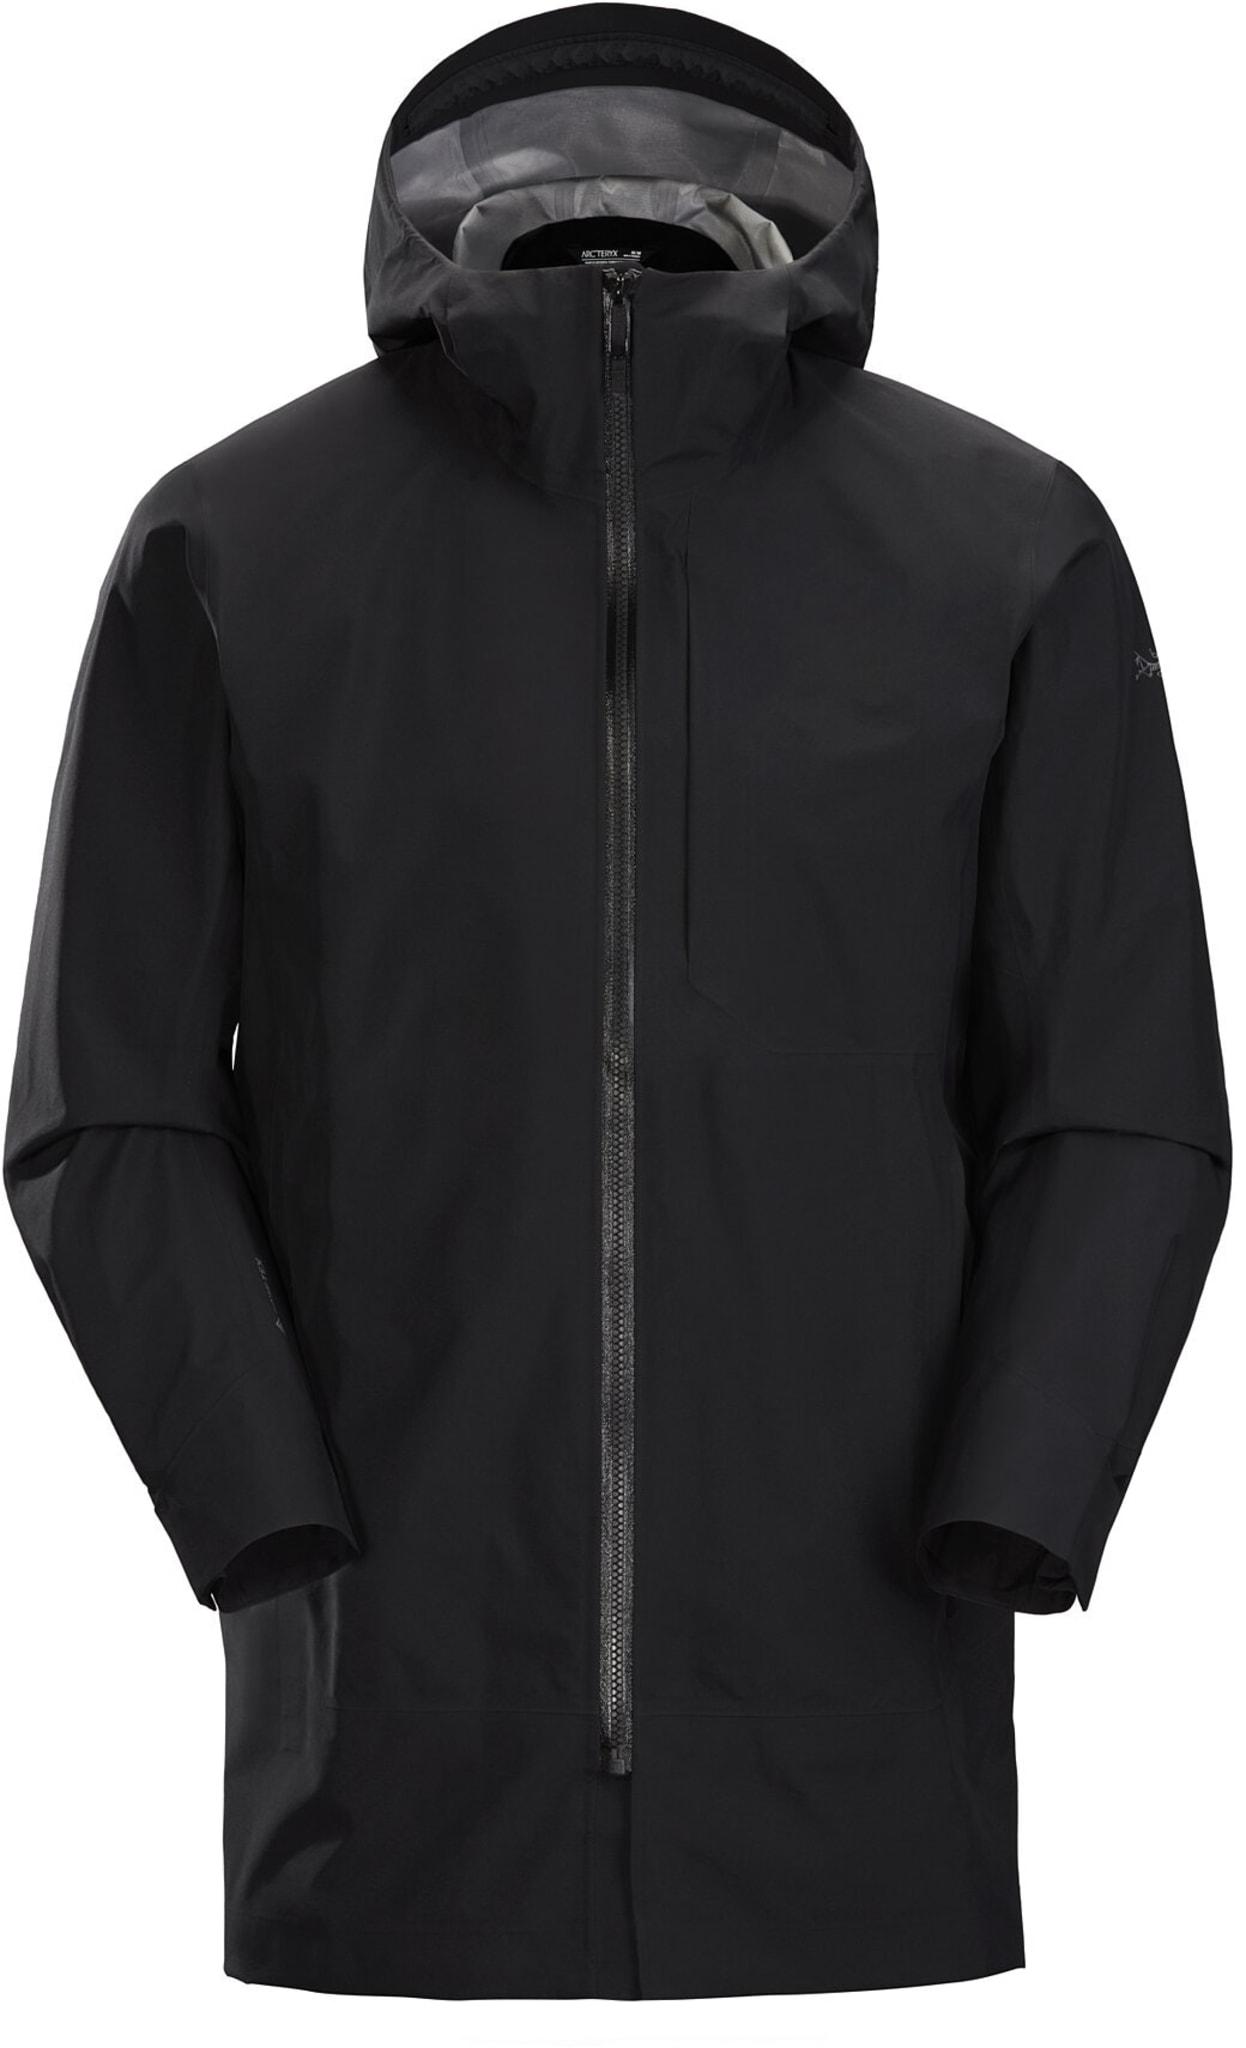 GORE-TEX-jakke med et urbant design